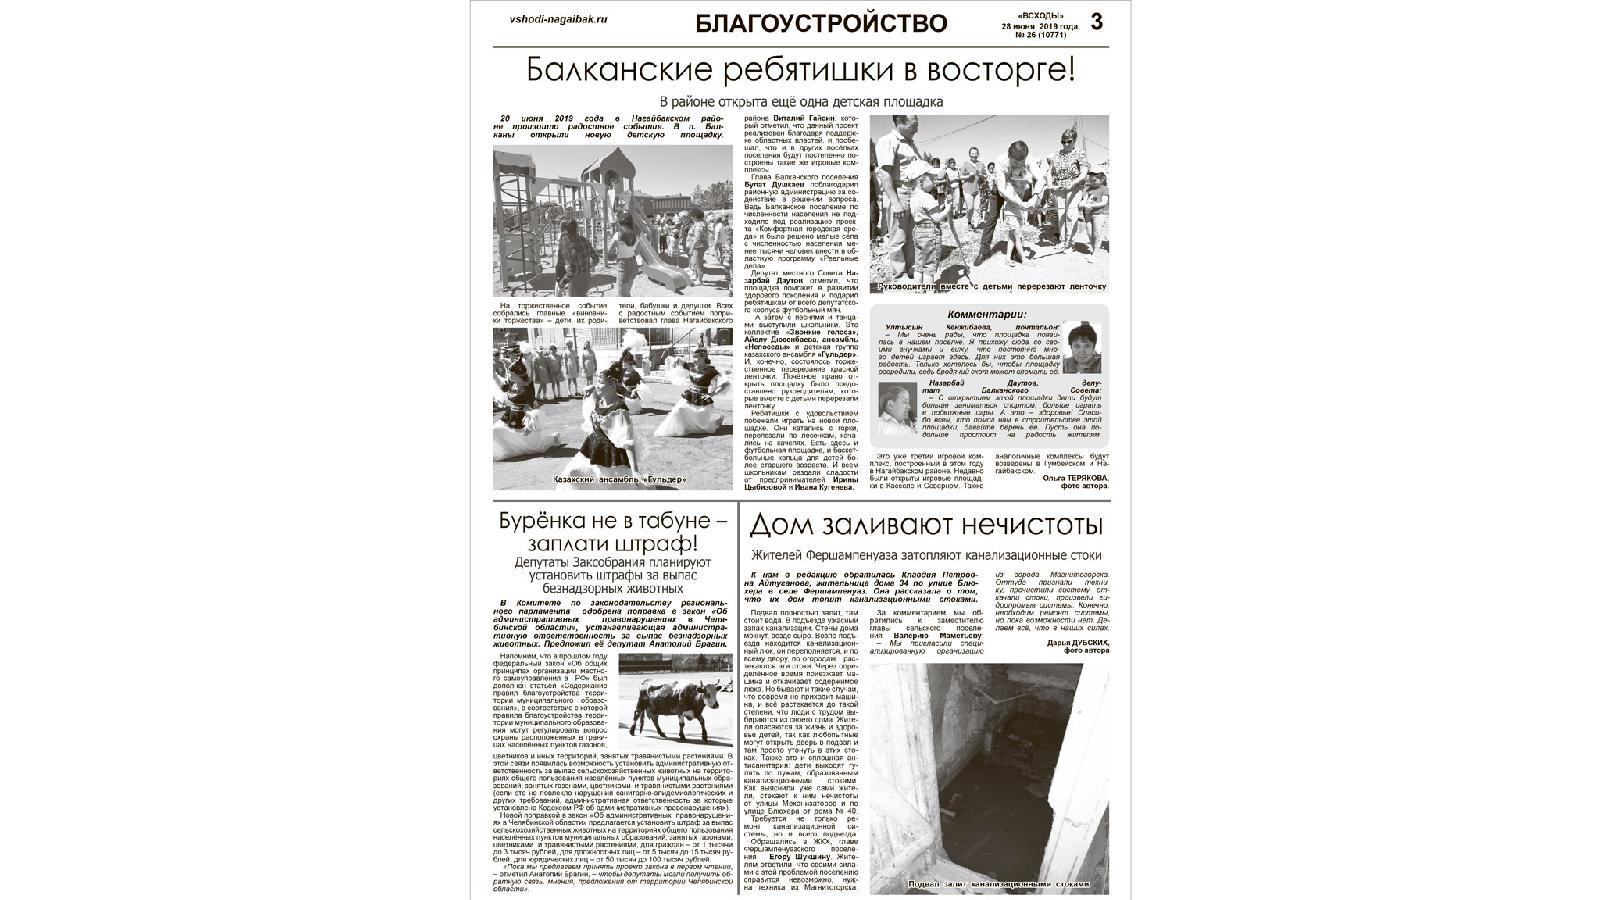 Материалы, посвященные благоустройству, публикуются почти в каждом номере газеты 66